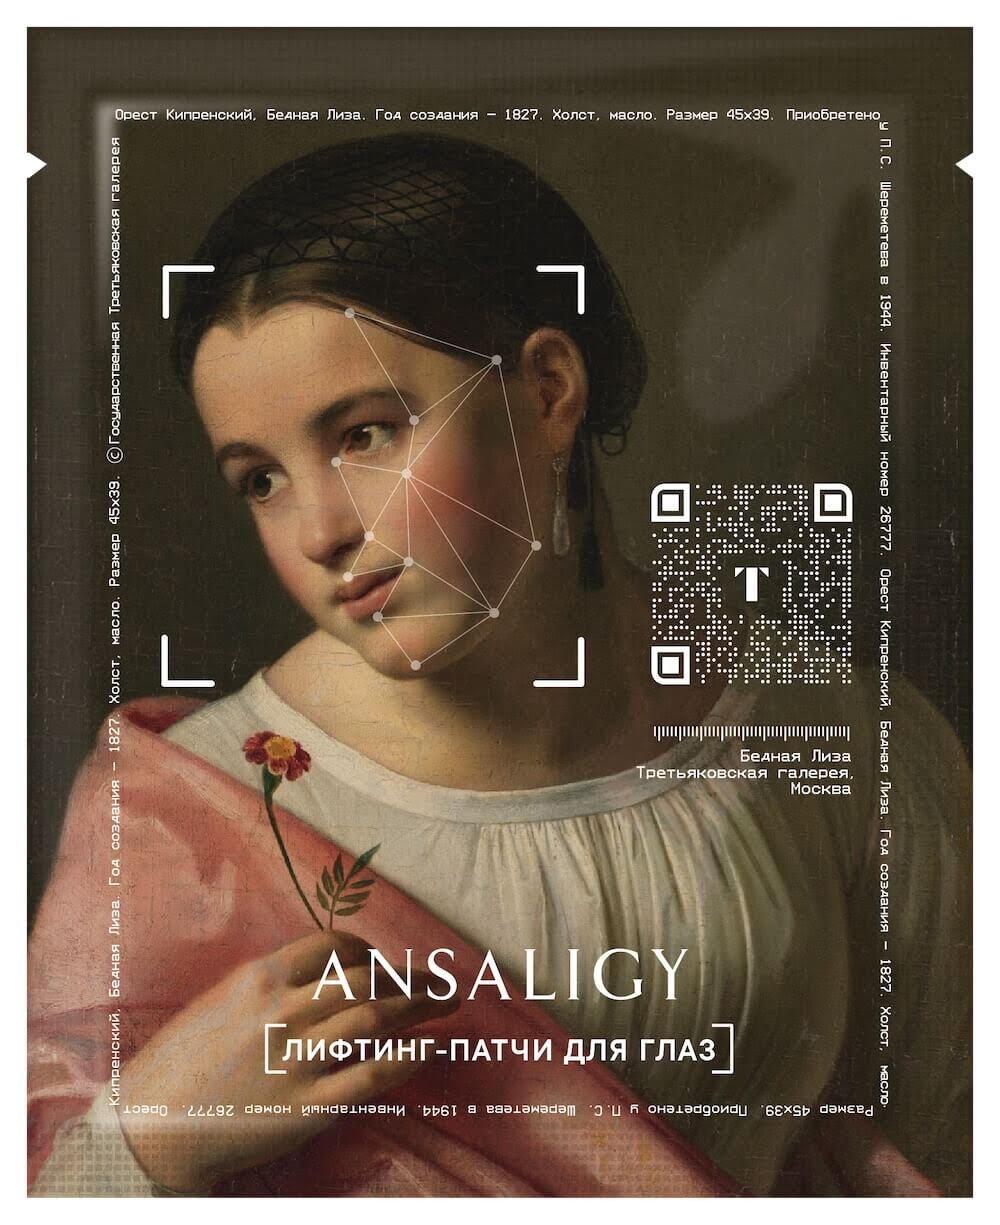 Лифтинг-патчи для лица ANSALIGY «Русские портреты», созданные совместно с Третьяковской галереей, глубоко питают и очищают кожу, а еще позволяют ближе познакомиться с искусством.